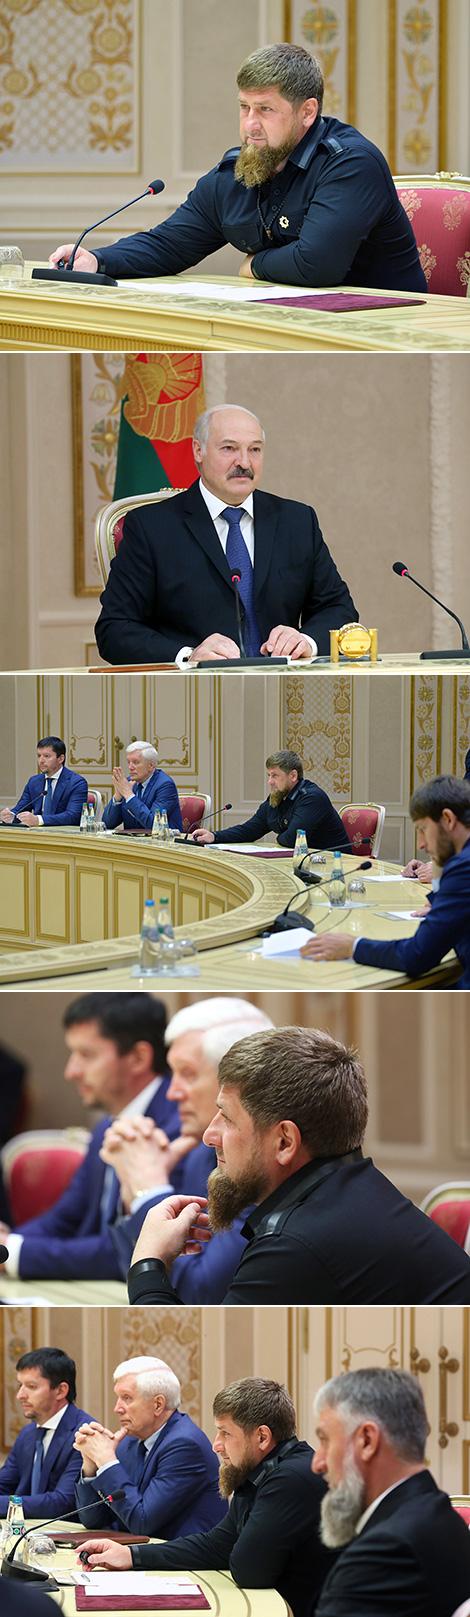 Кадыраў - Лукашэнку: Калі вы прыедзеце ў Чачню, для нас гэта будзе самае вялікае свята